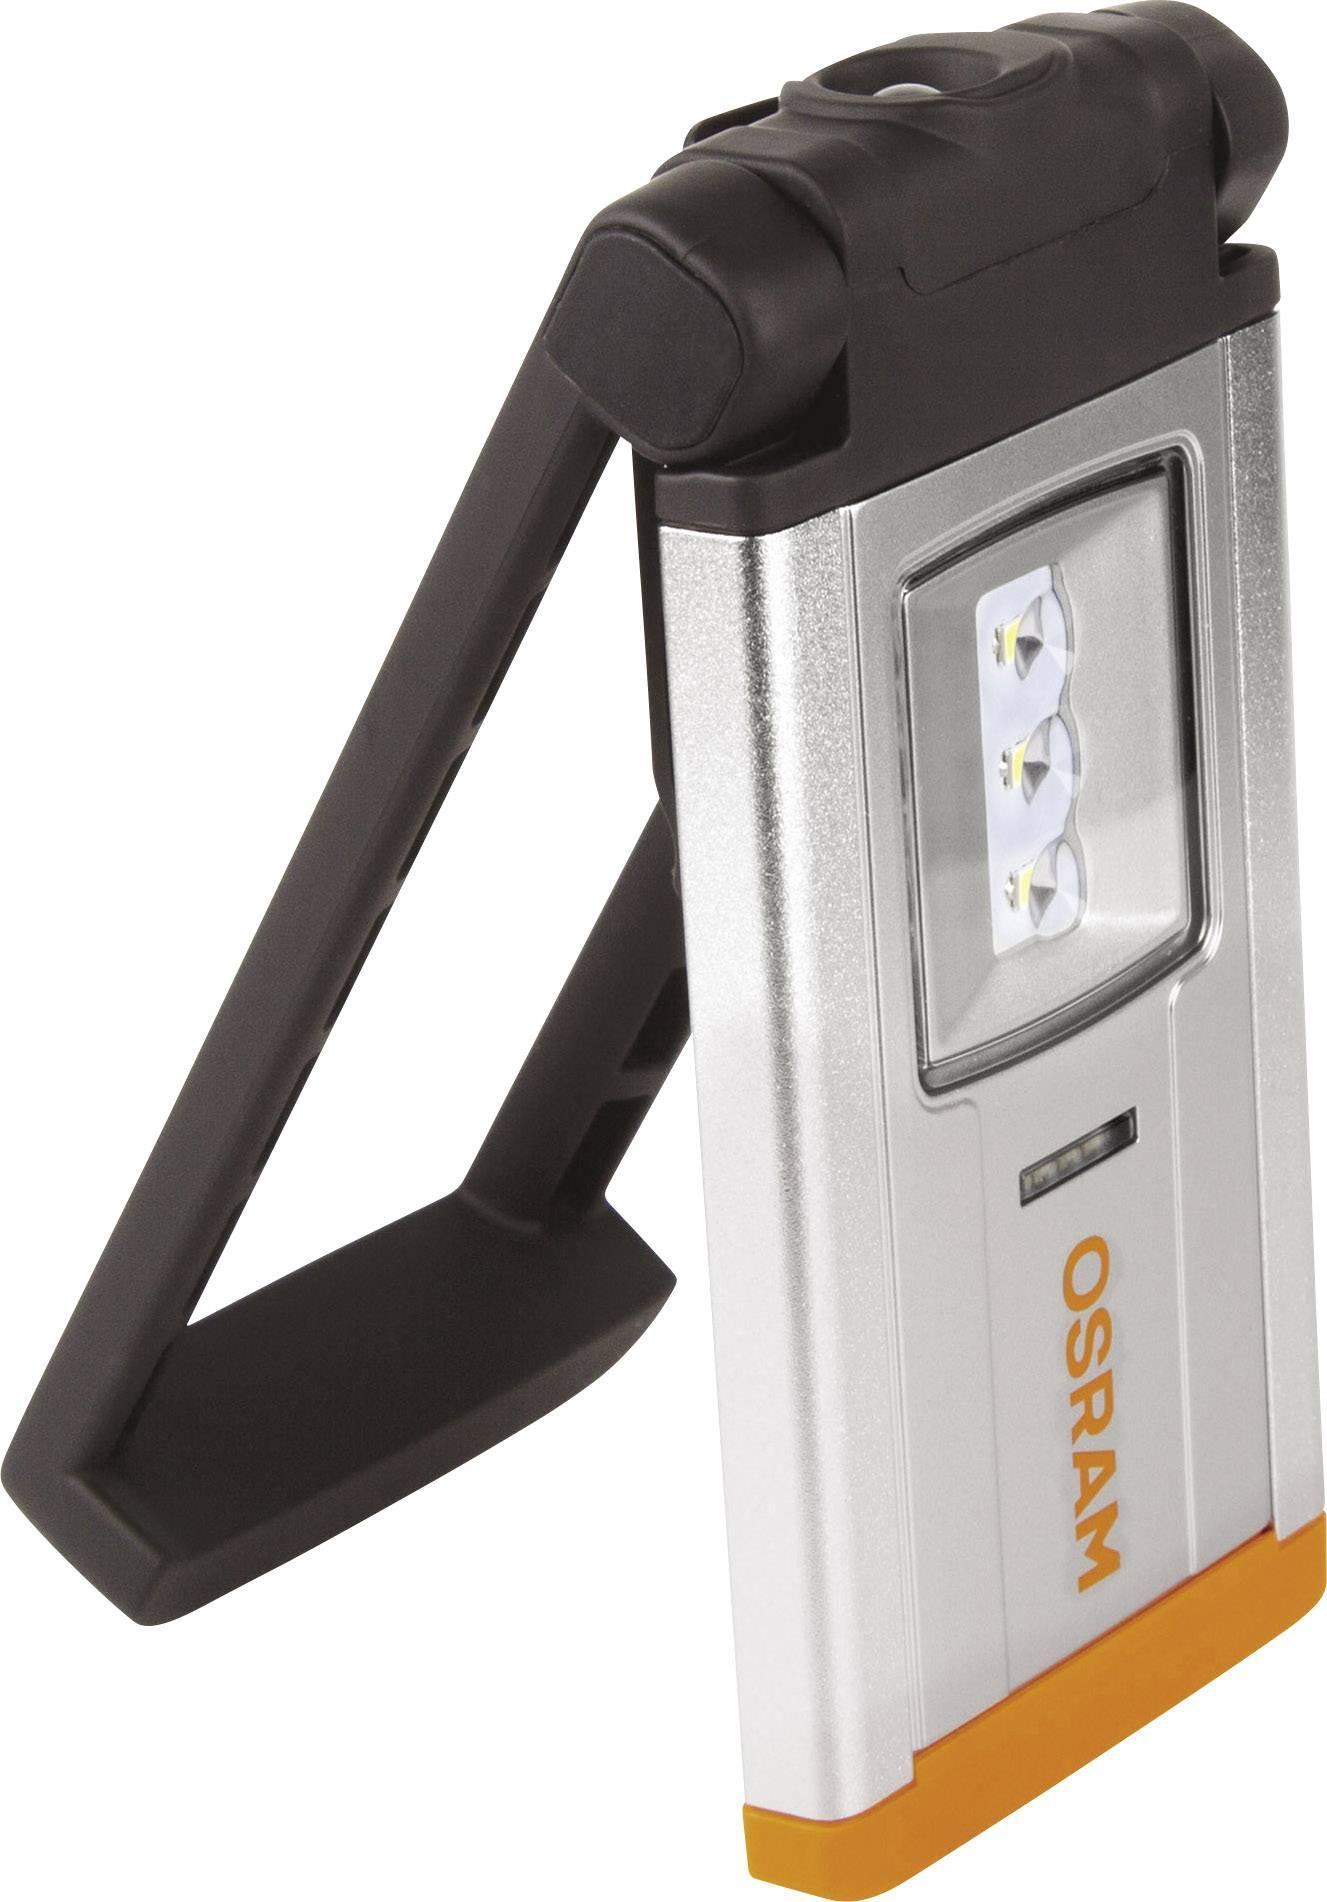 izdelek-led-ploska-svetilka-osram-ledil107-280-lm